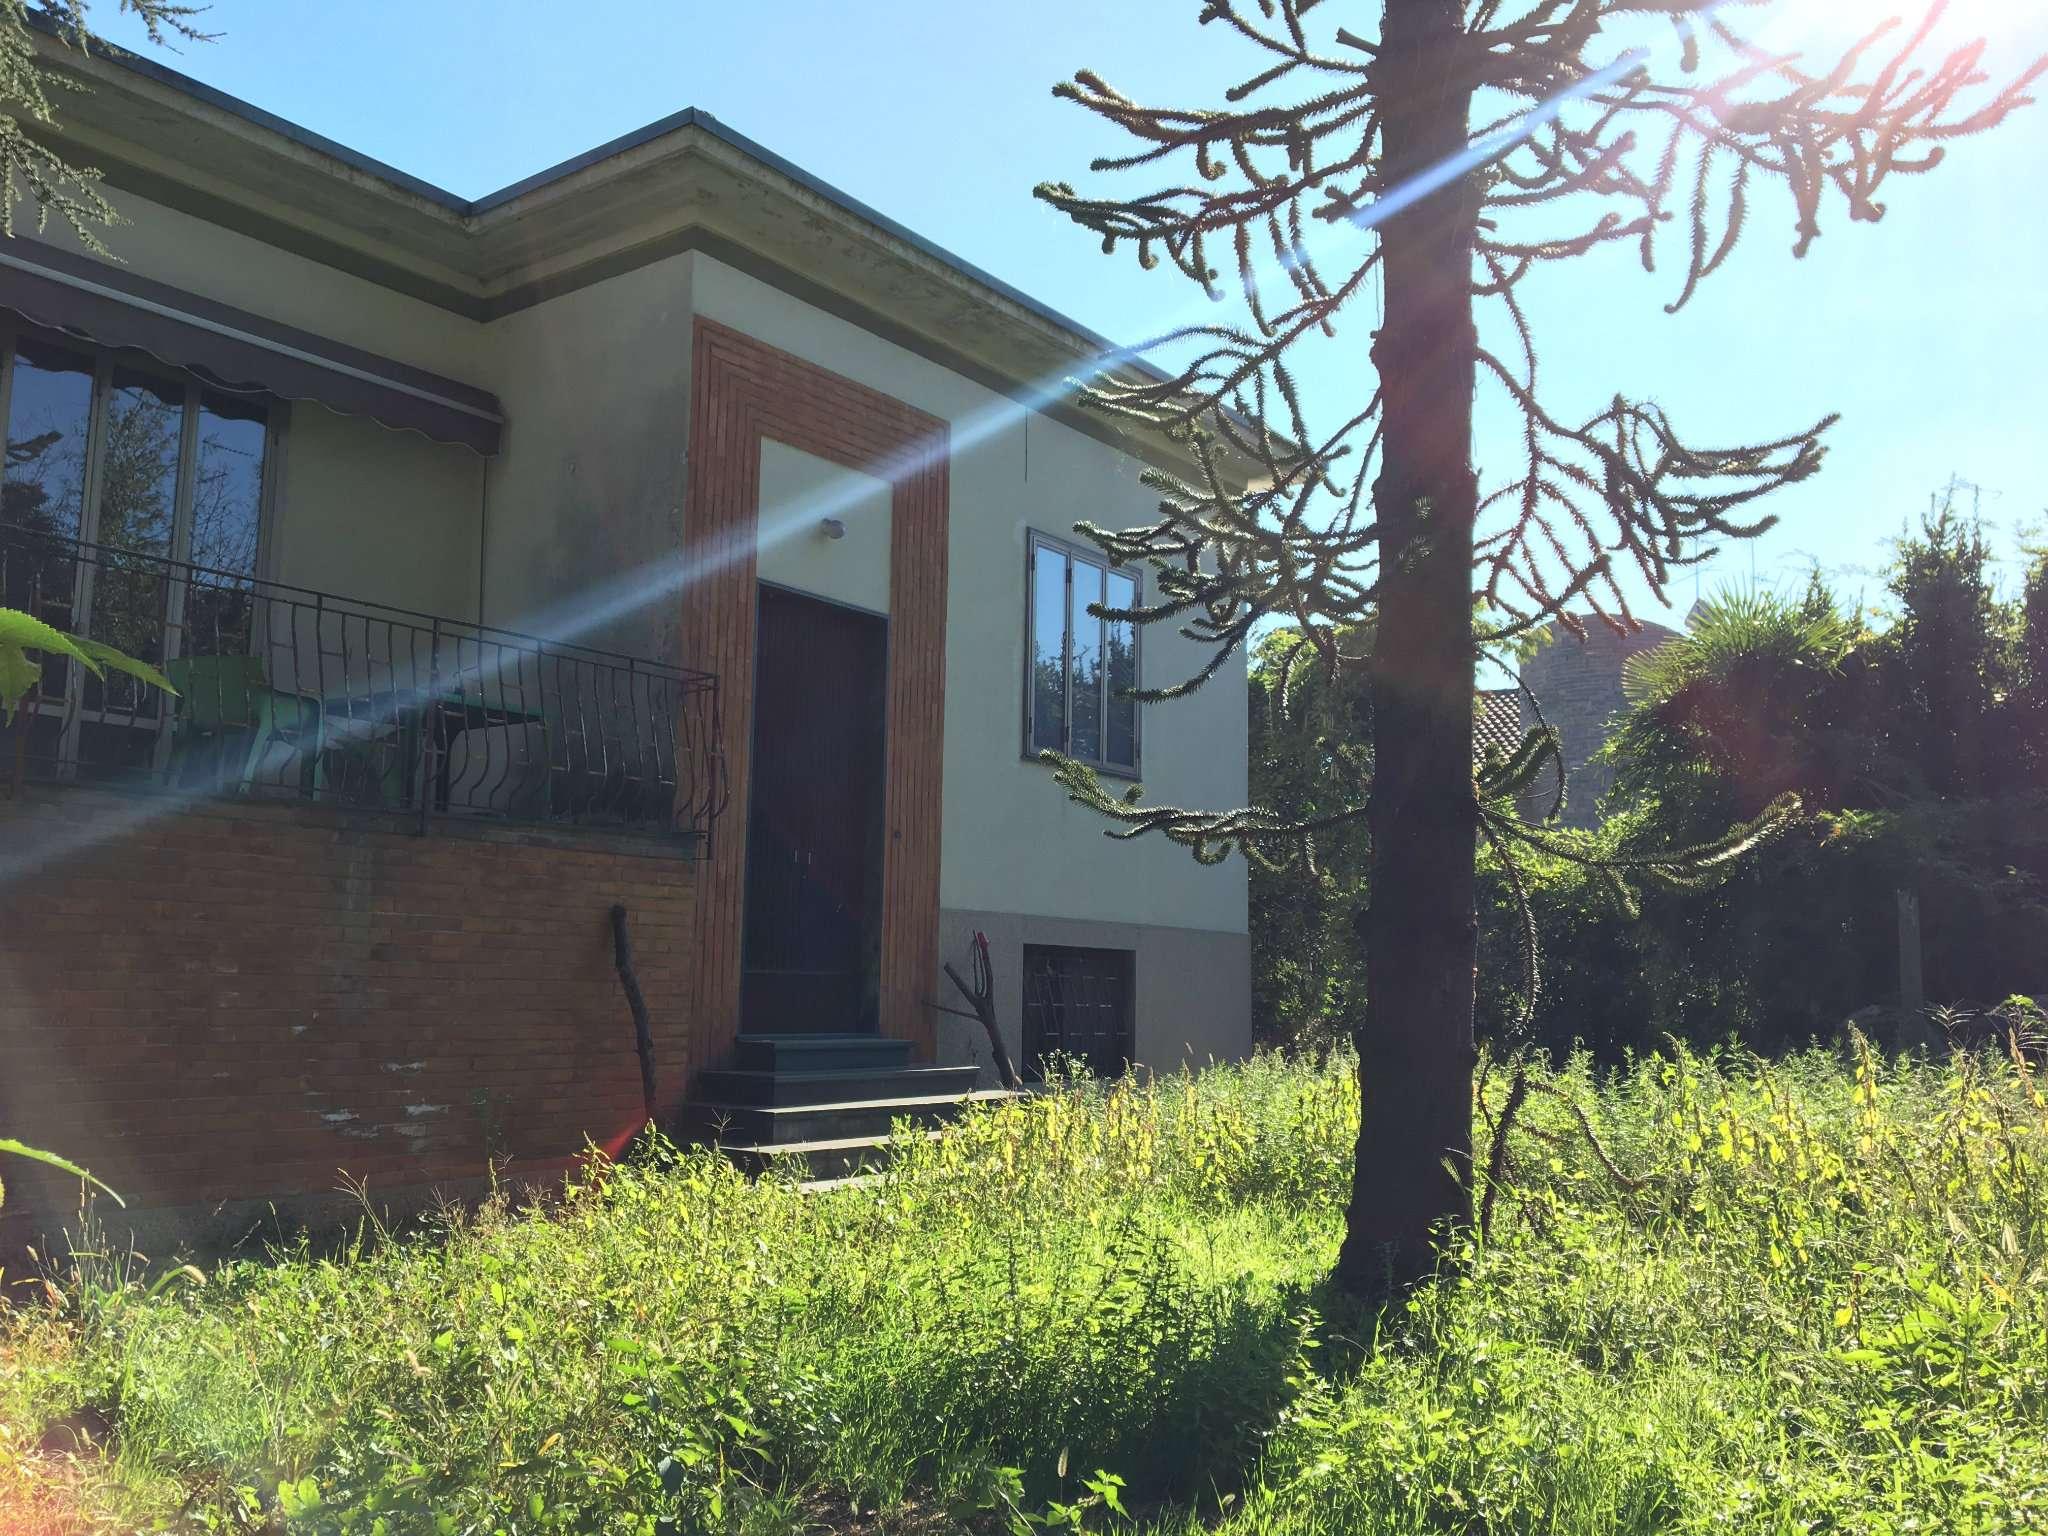 Soluzione Indipendente in vendita a Gorla Minore, 4 locali, prezzo € 235.000 | CambioCasa.it